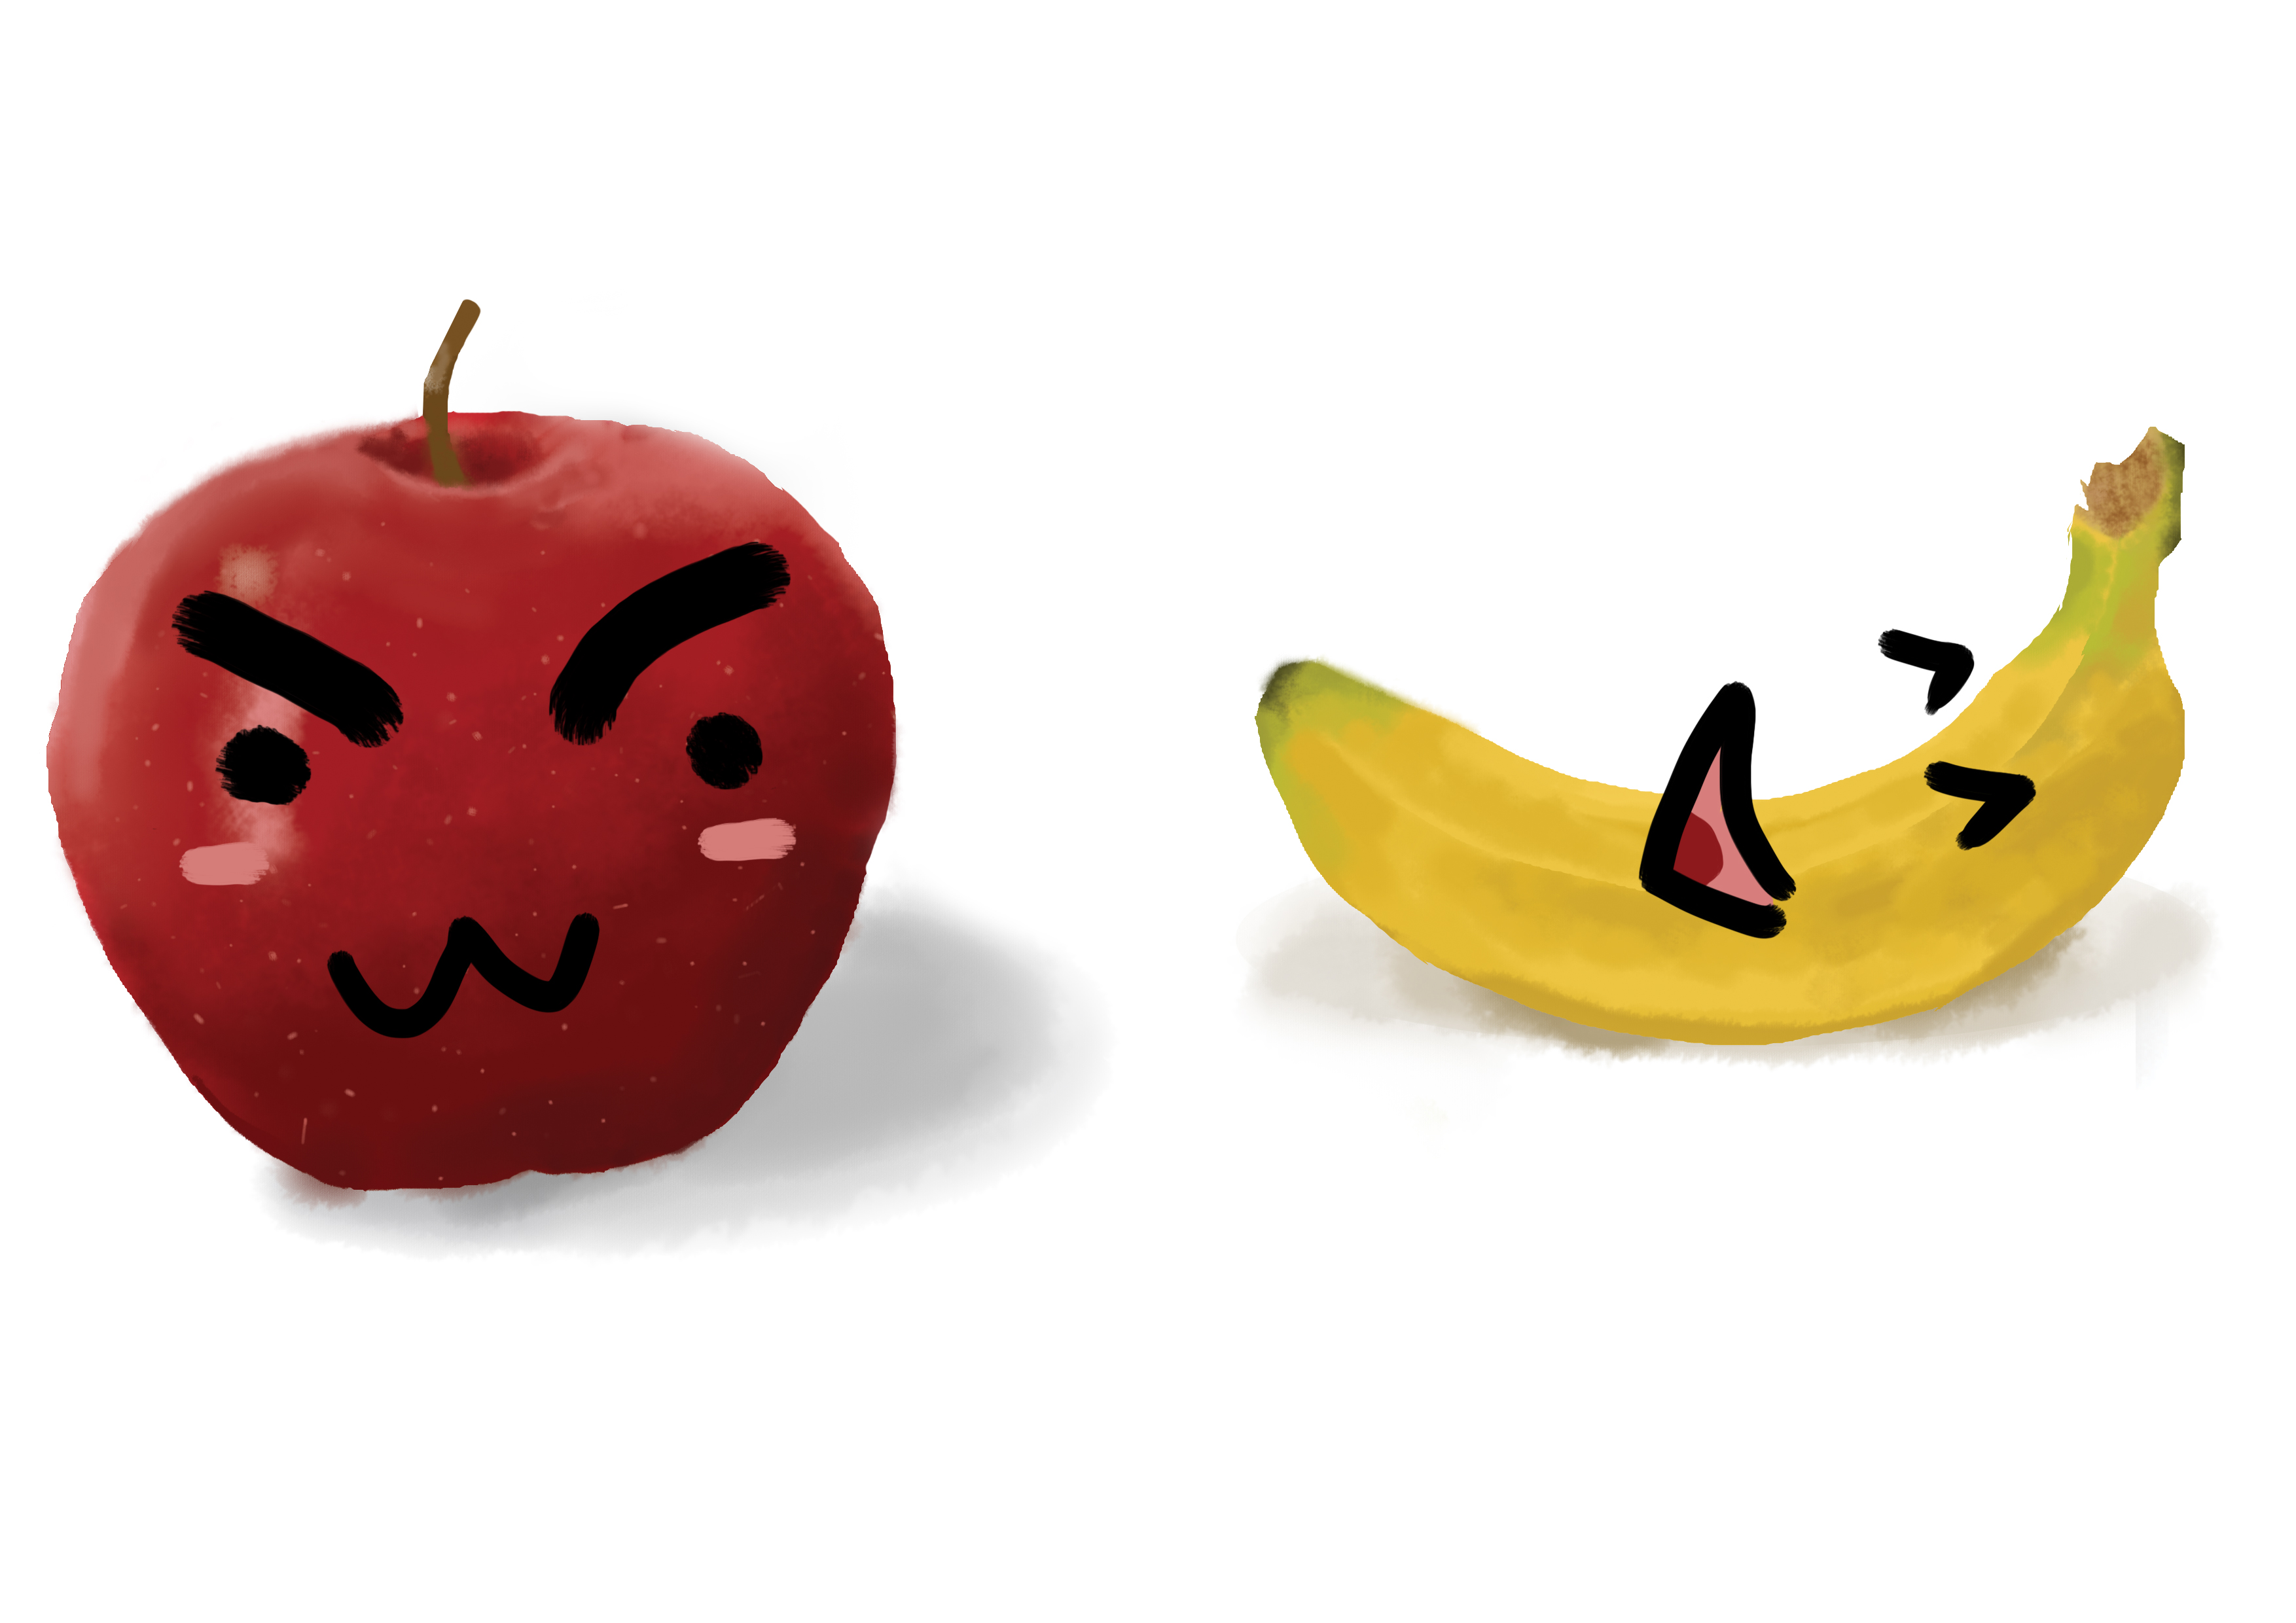 苹果与香蕉|插画|插画习作|kiraakuma - 原创作品图片